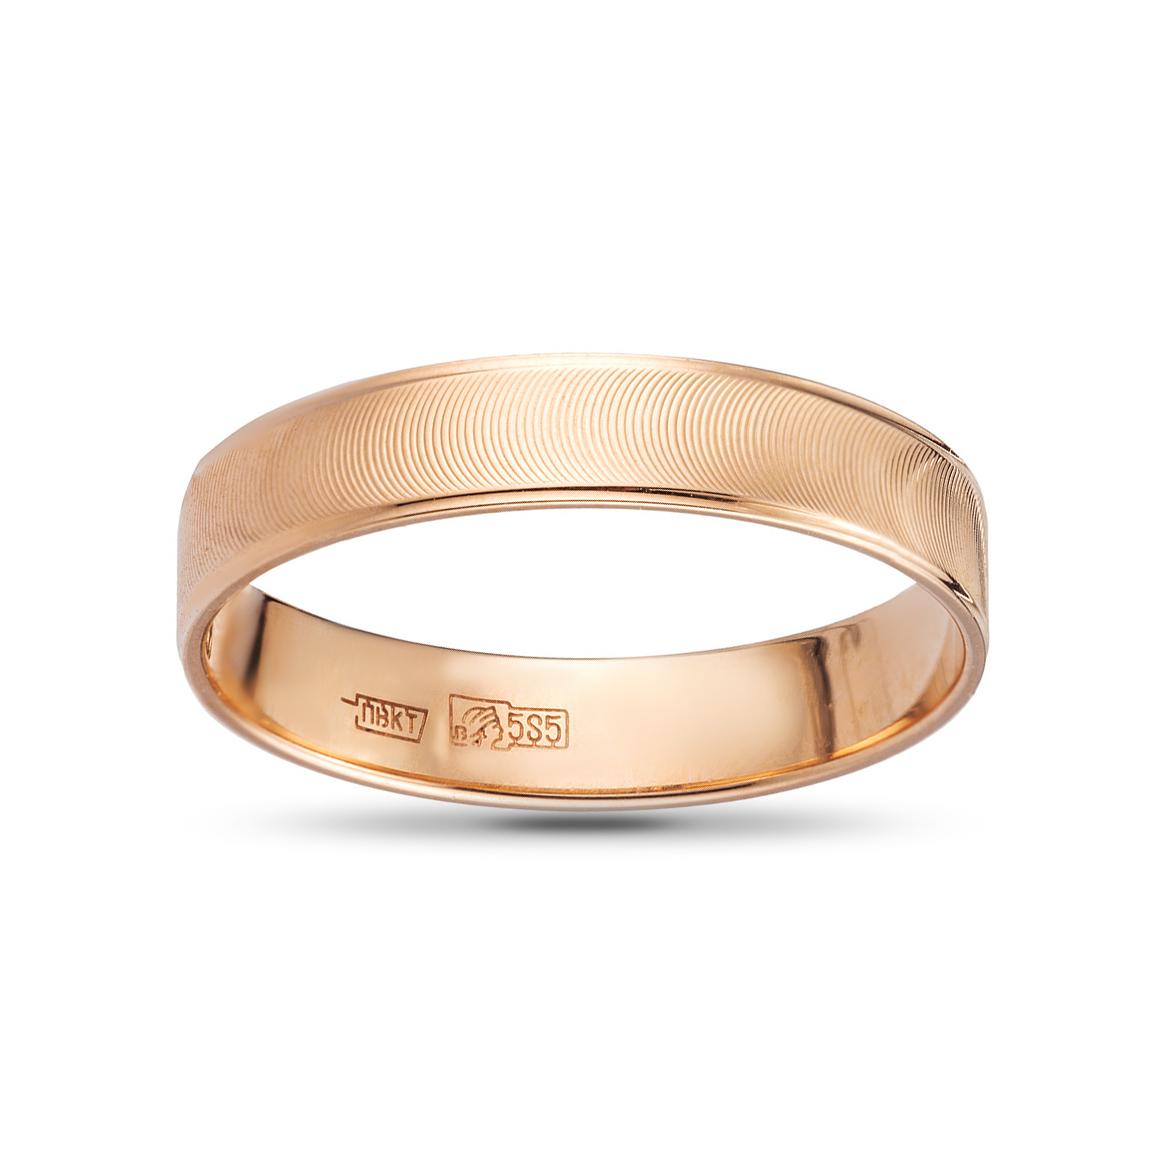 Кольцо обручальное из золота, премиум